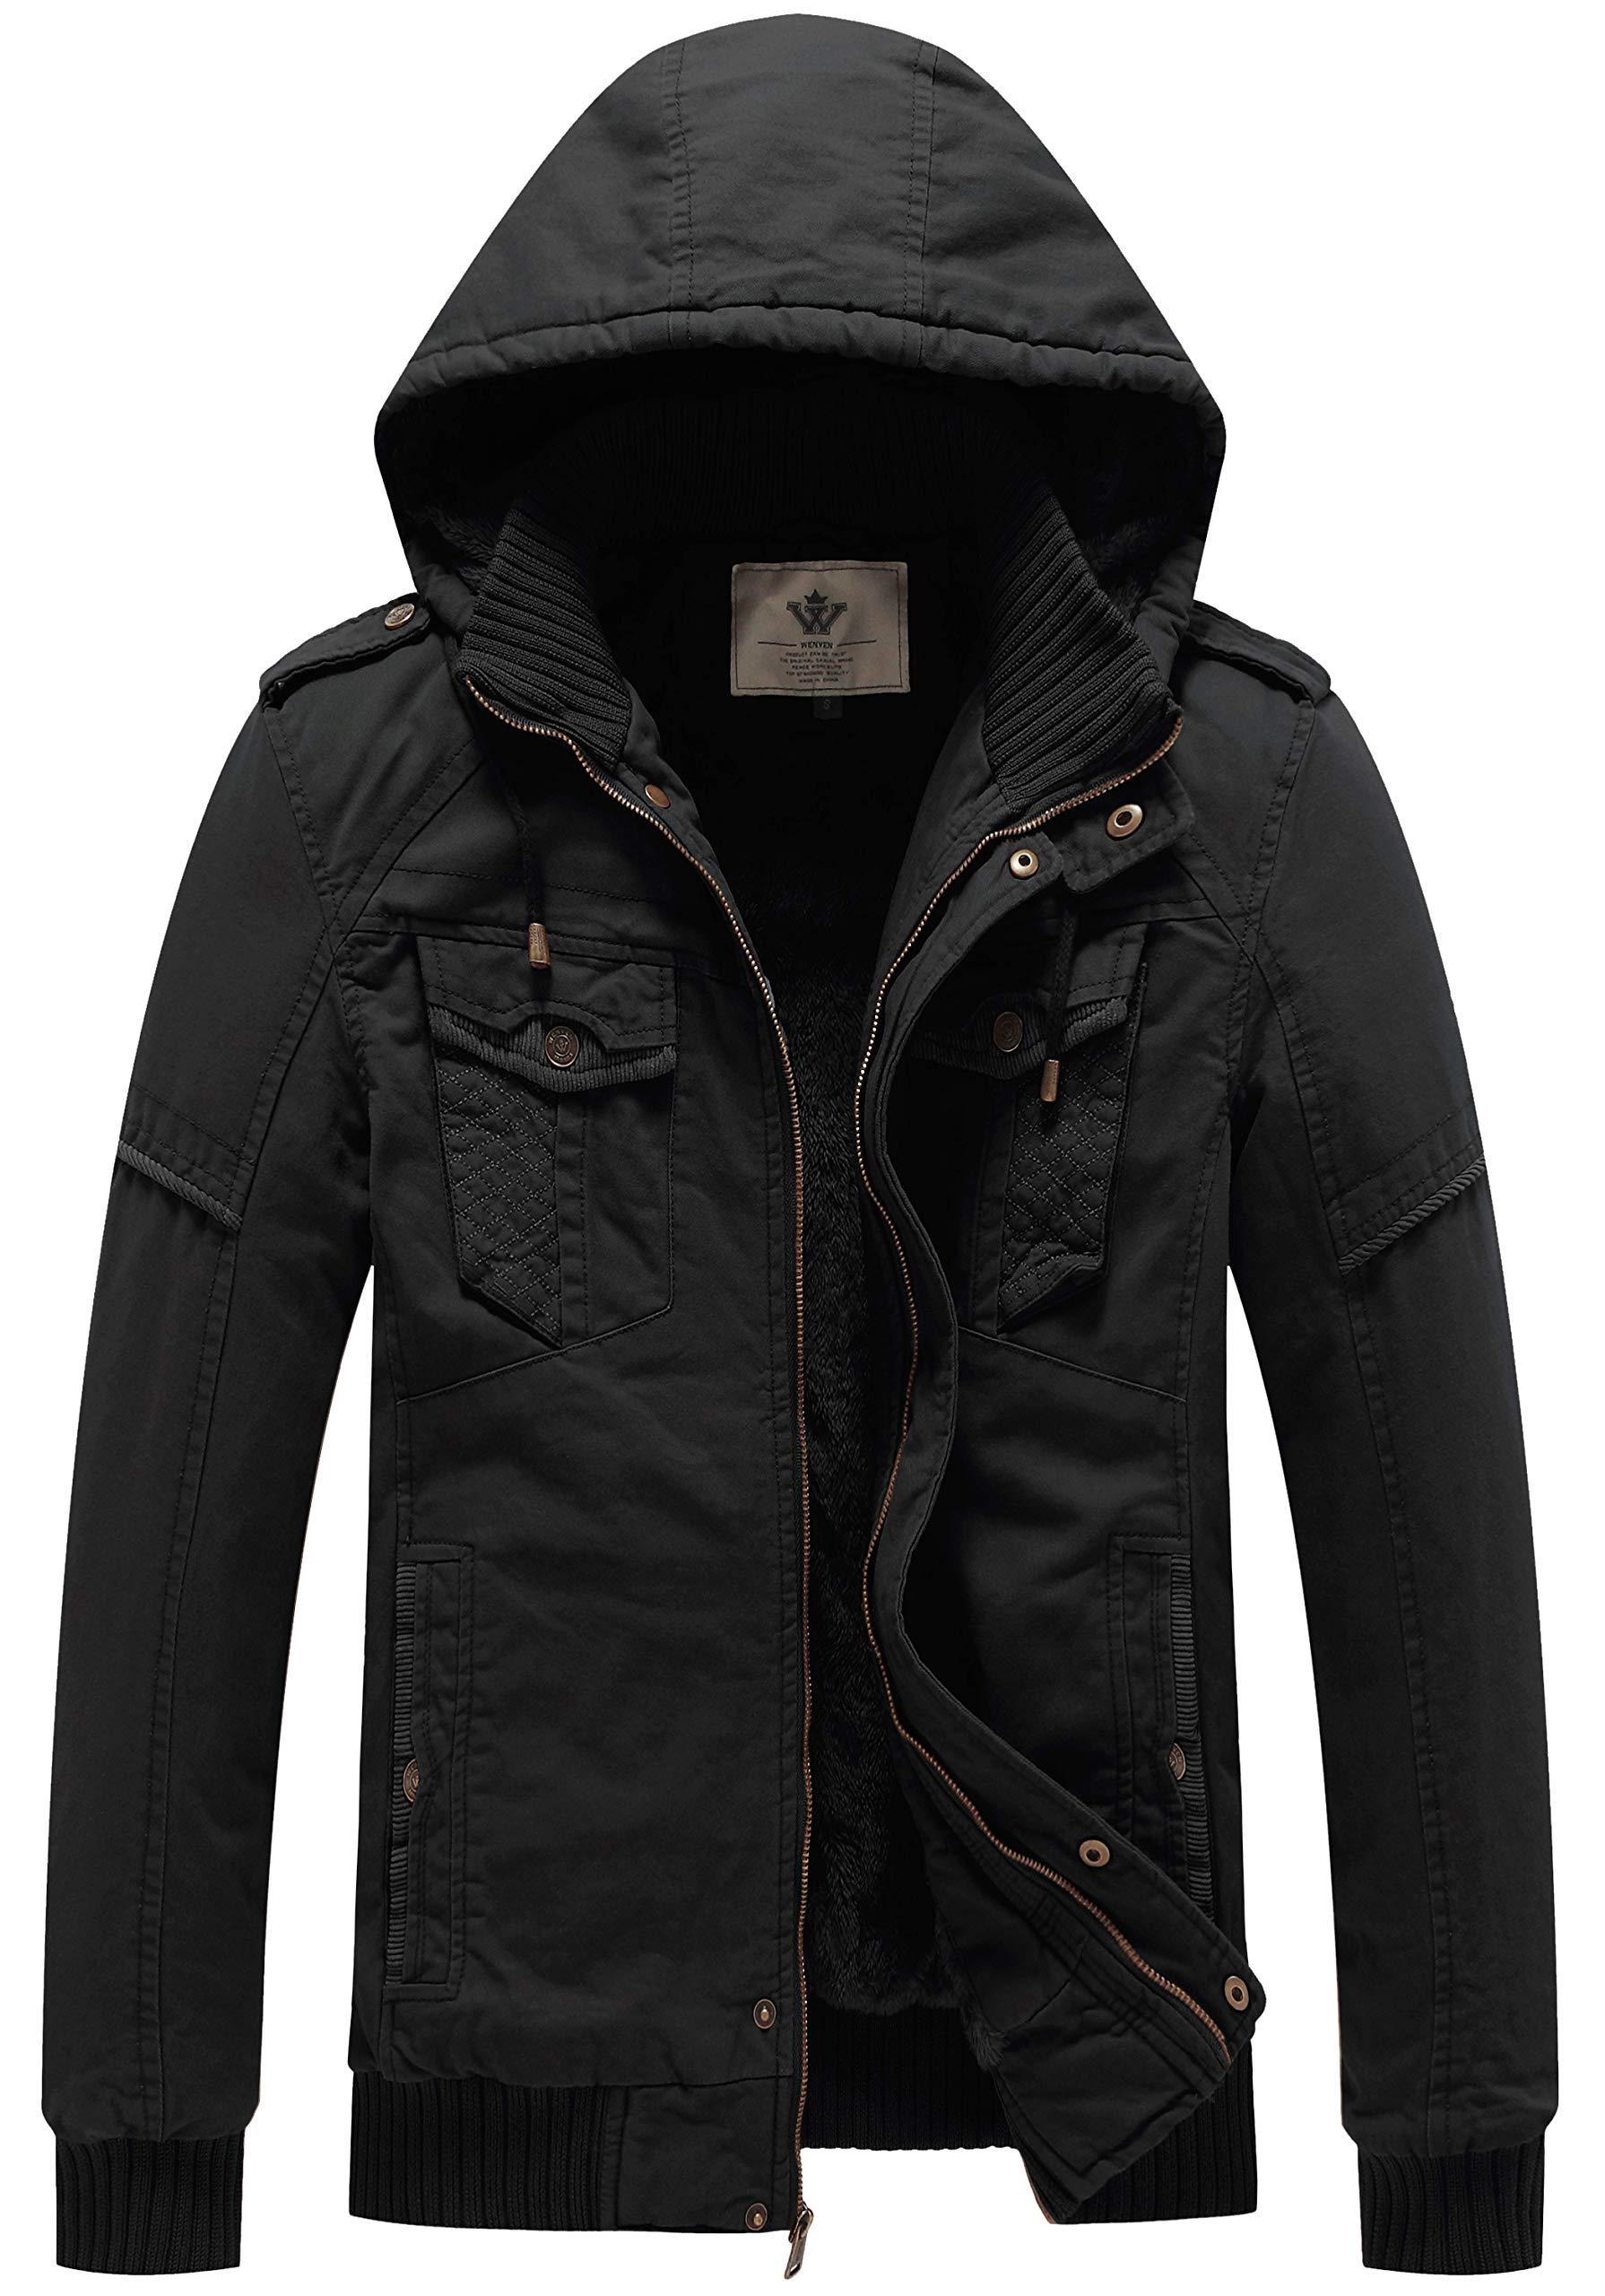 WenVen Men's Winter Fleece Jacket with Hood Thicken Coat (Black,3XL) by WenVen